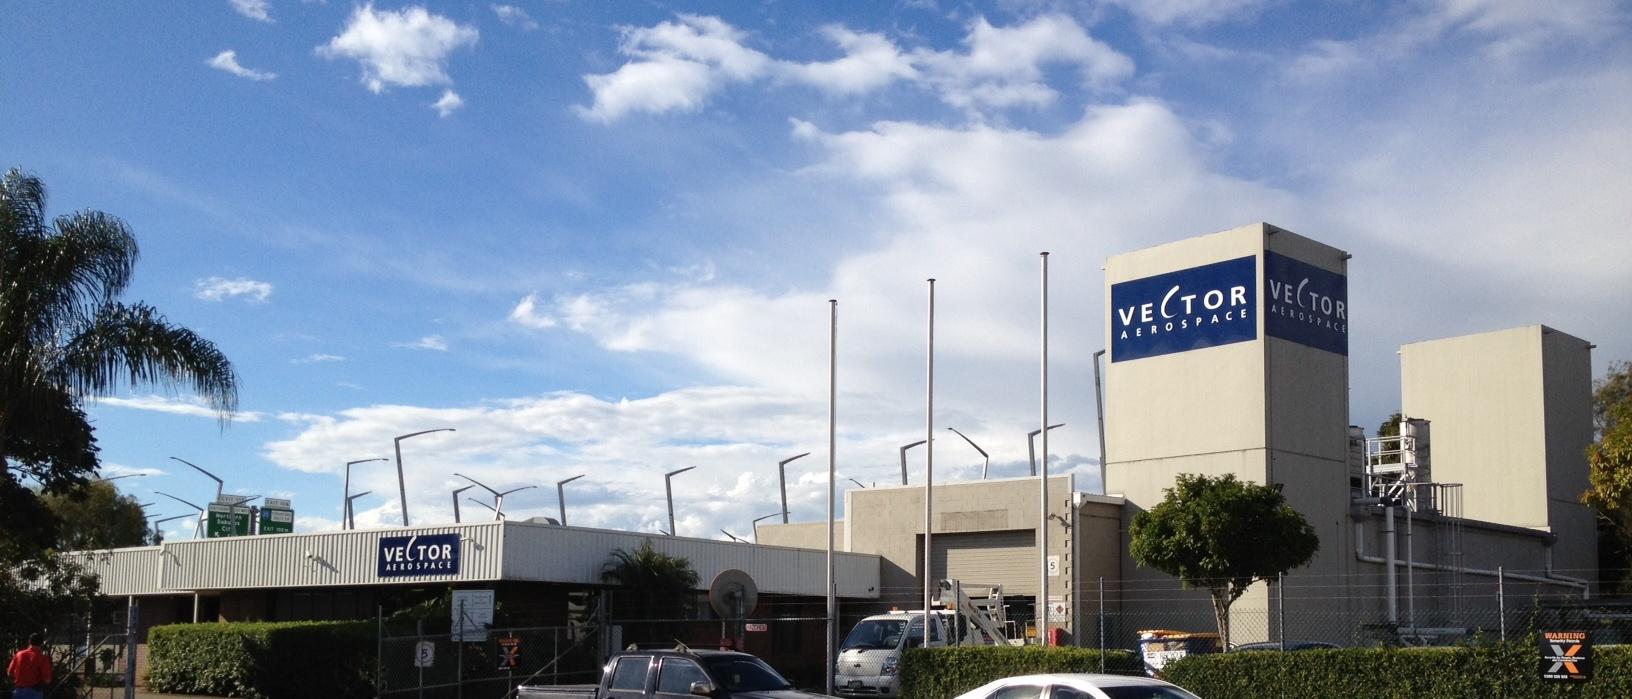 Resultado de imagen para Vector Aerospace Building